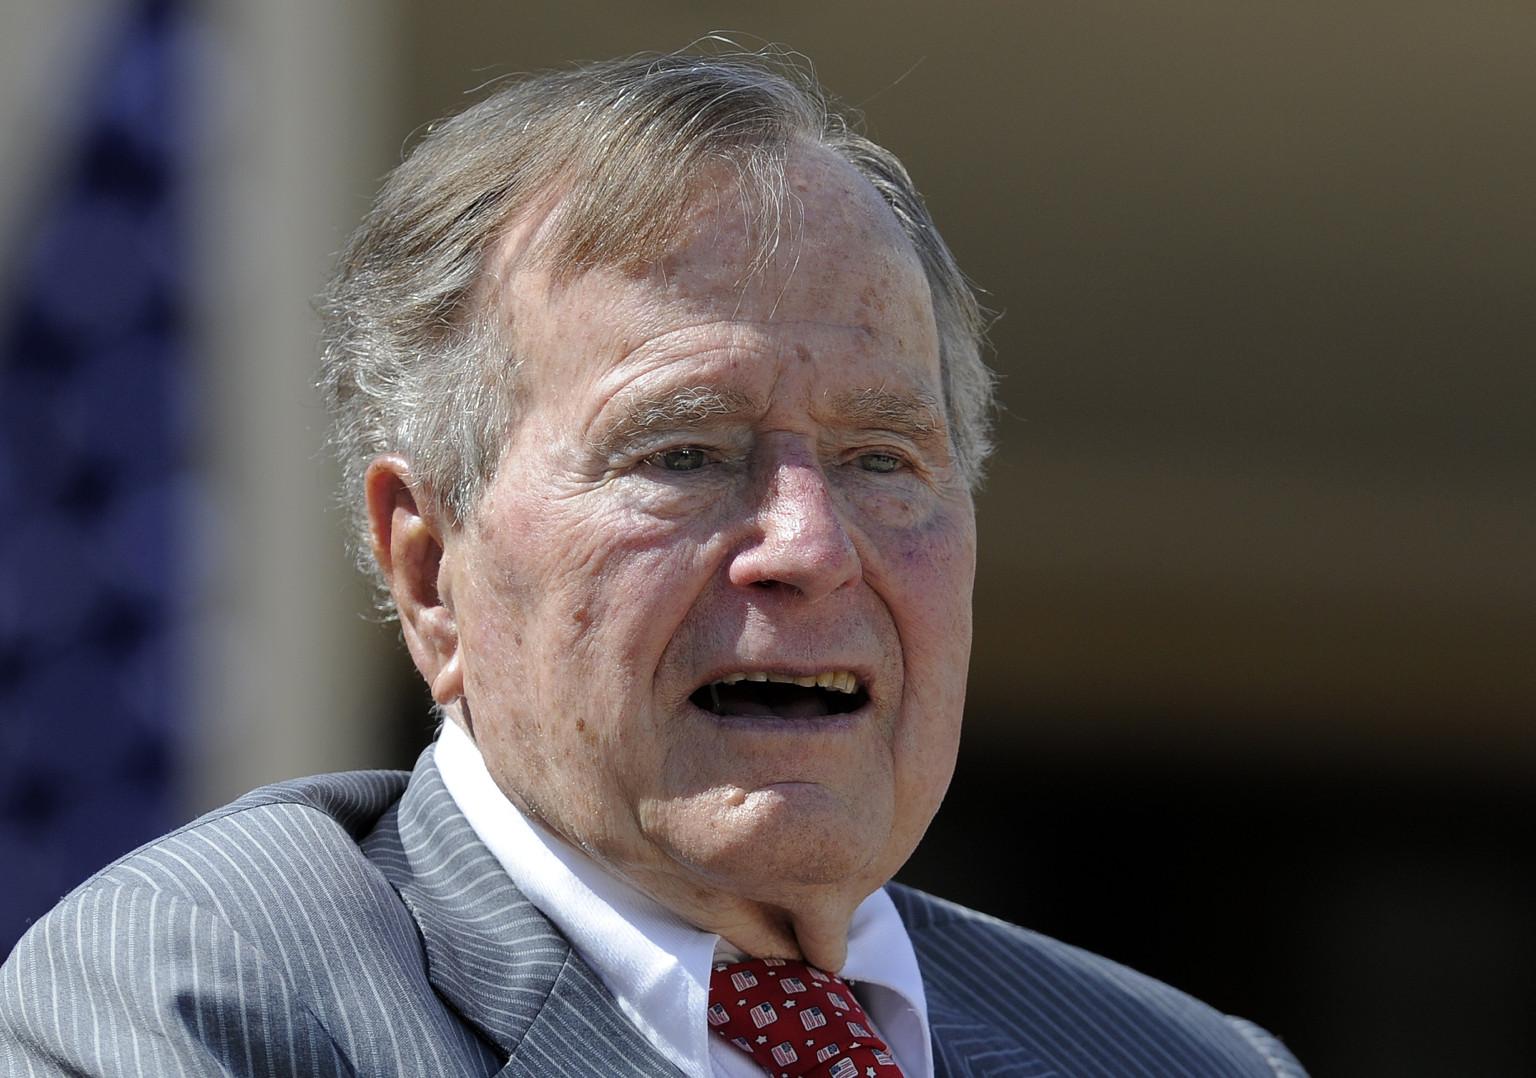 لمن سيدلي بوش الاب بصوته في الانتخابات الامريكية ؟